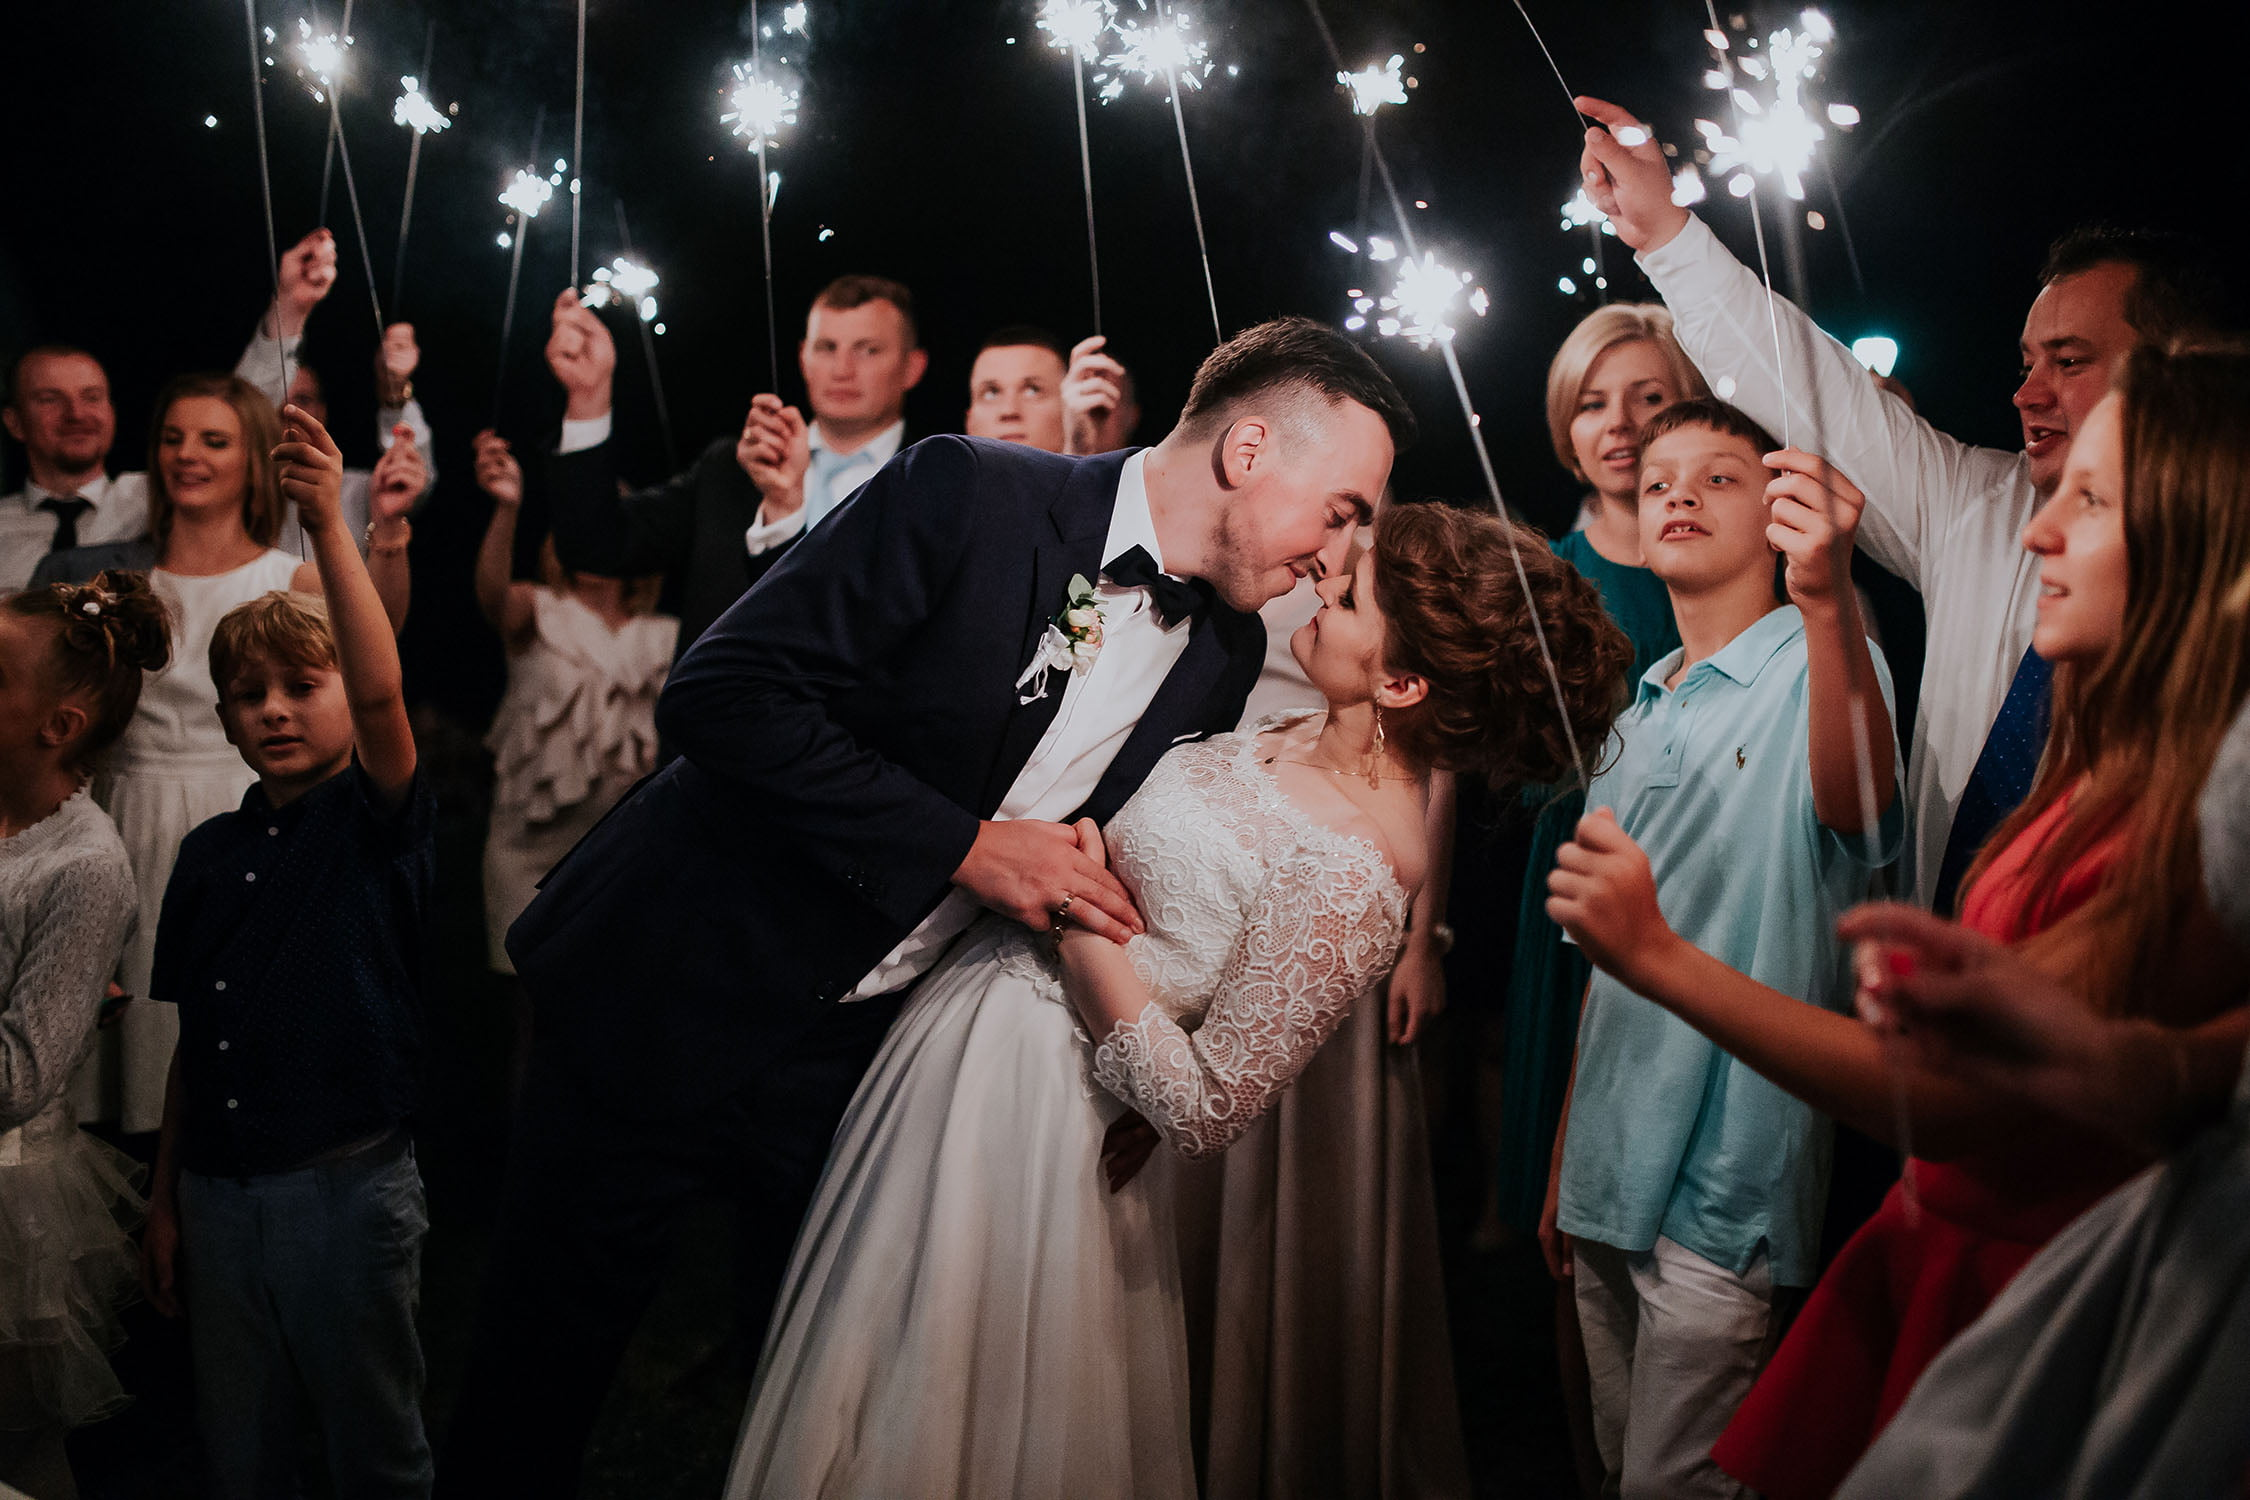 Zdjęcie Państwa Młodych z zimnymi ogniami na zakończenie wesela. Fotografia ślubna Siedlce Łosice